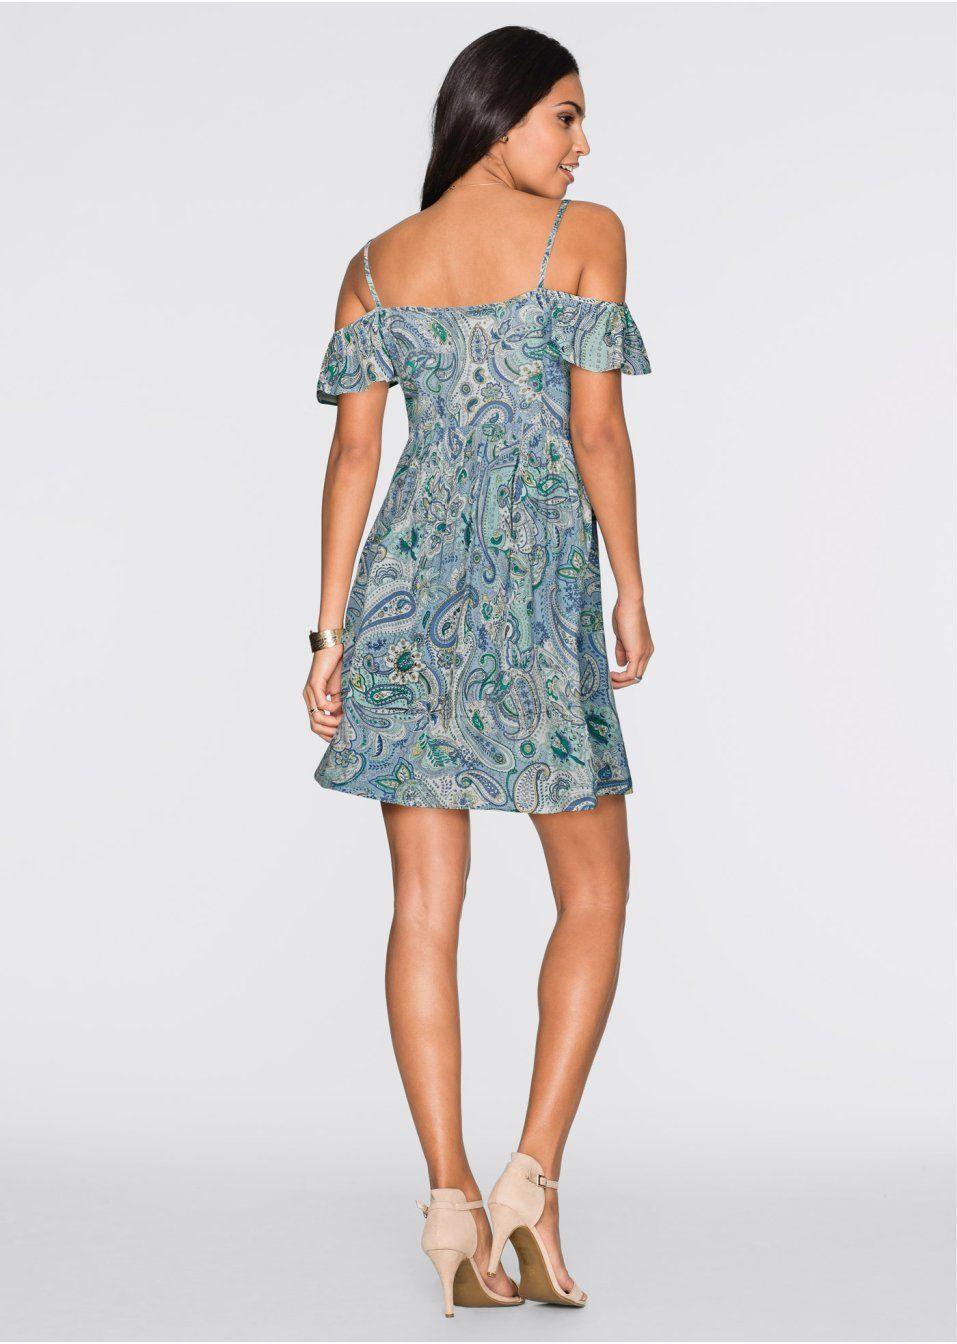 Šaty s kašmírovým vzorem Módní šaty s • 749.0 Kč • bonprix b73c47f852